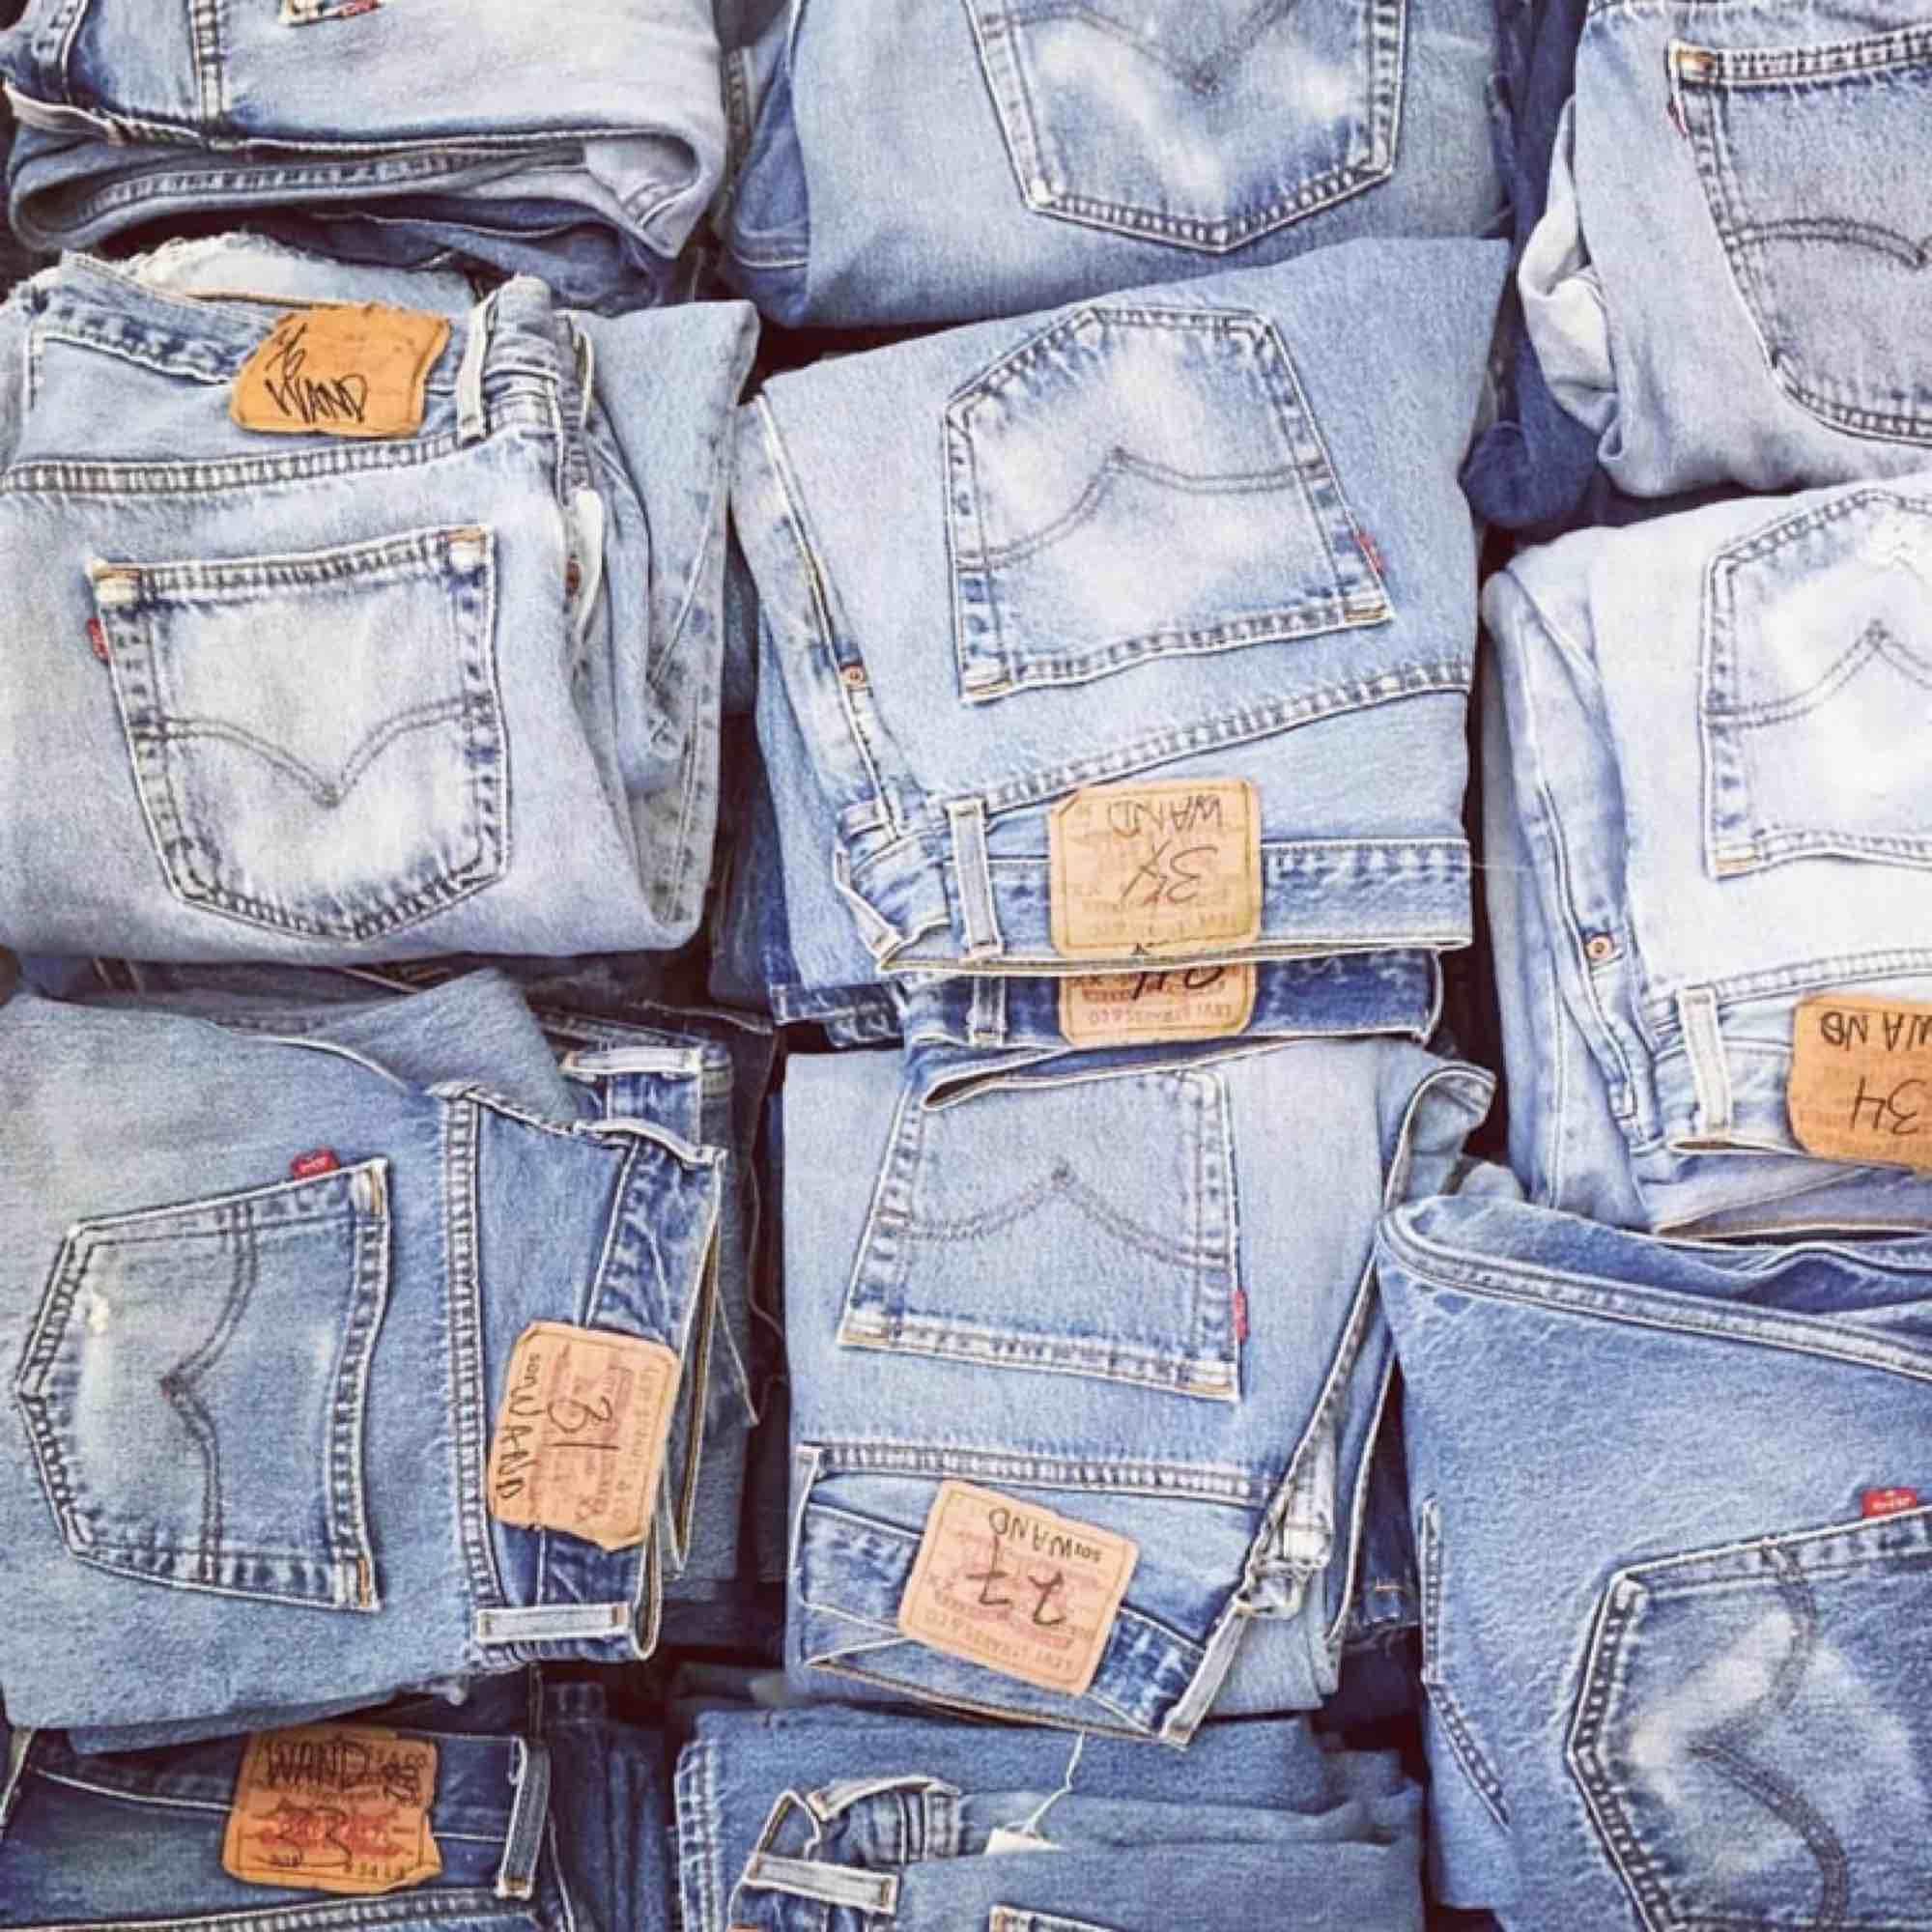 Jag är tillbaka och ska sälja massor kläder till hösten! Nu kan man köpa bundles enkelt med fri frakt 😍 Mina varor kommer även få ny paketering med bättre kvalitet 😅 Checka in i veckan 🔜. Övrigt.